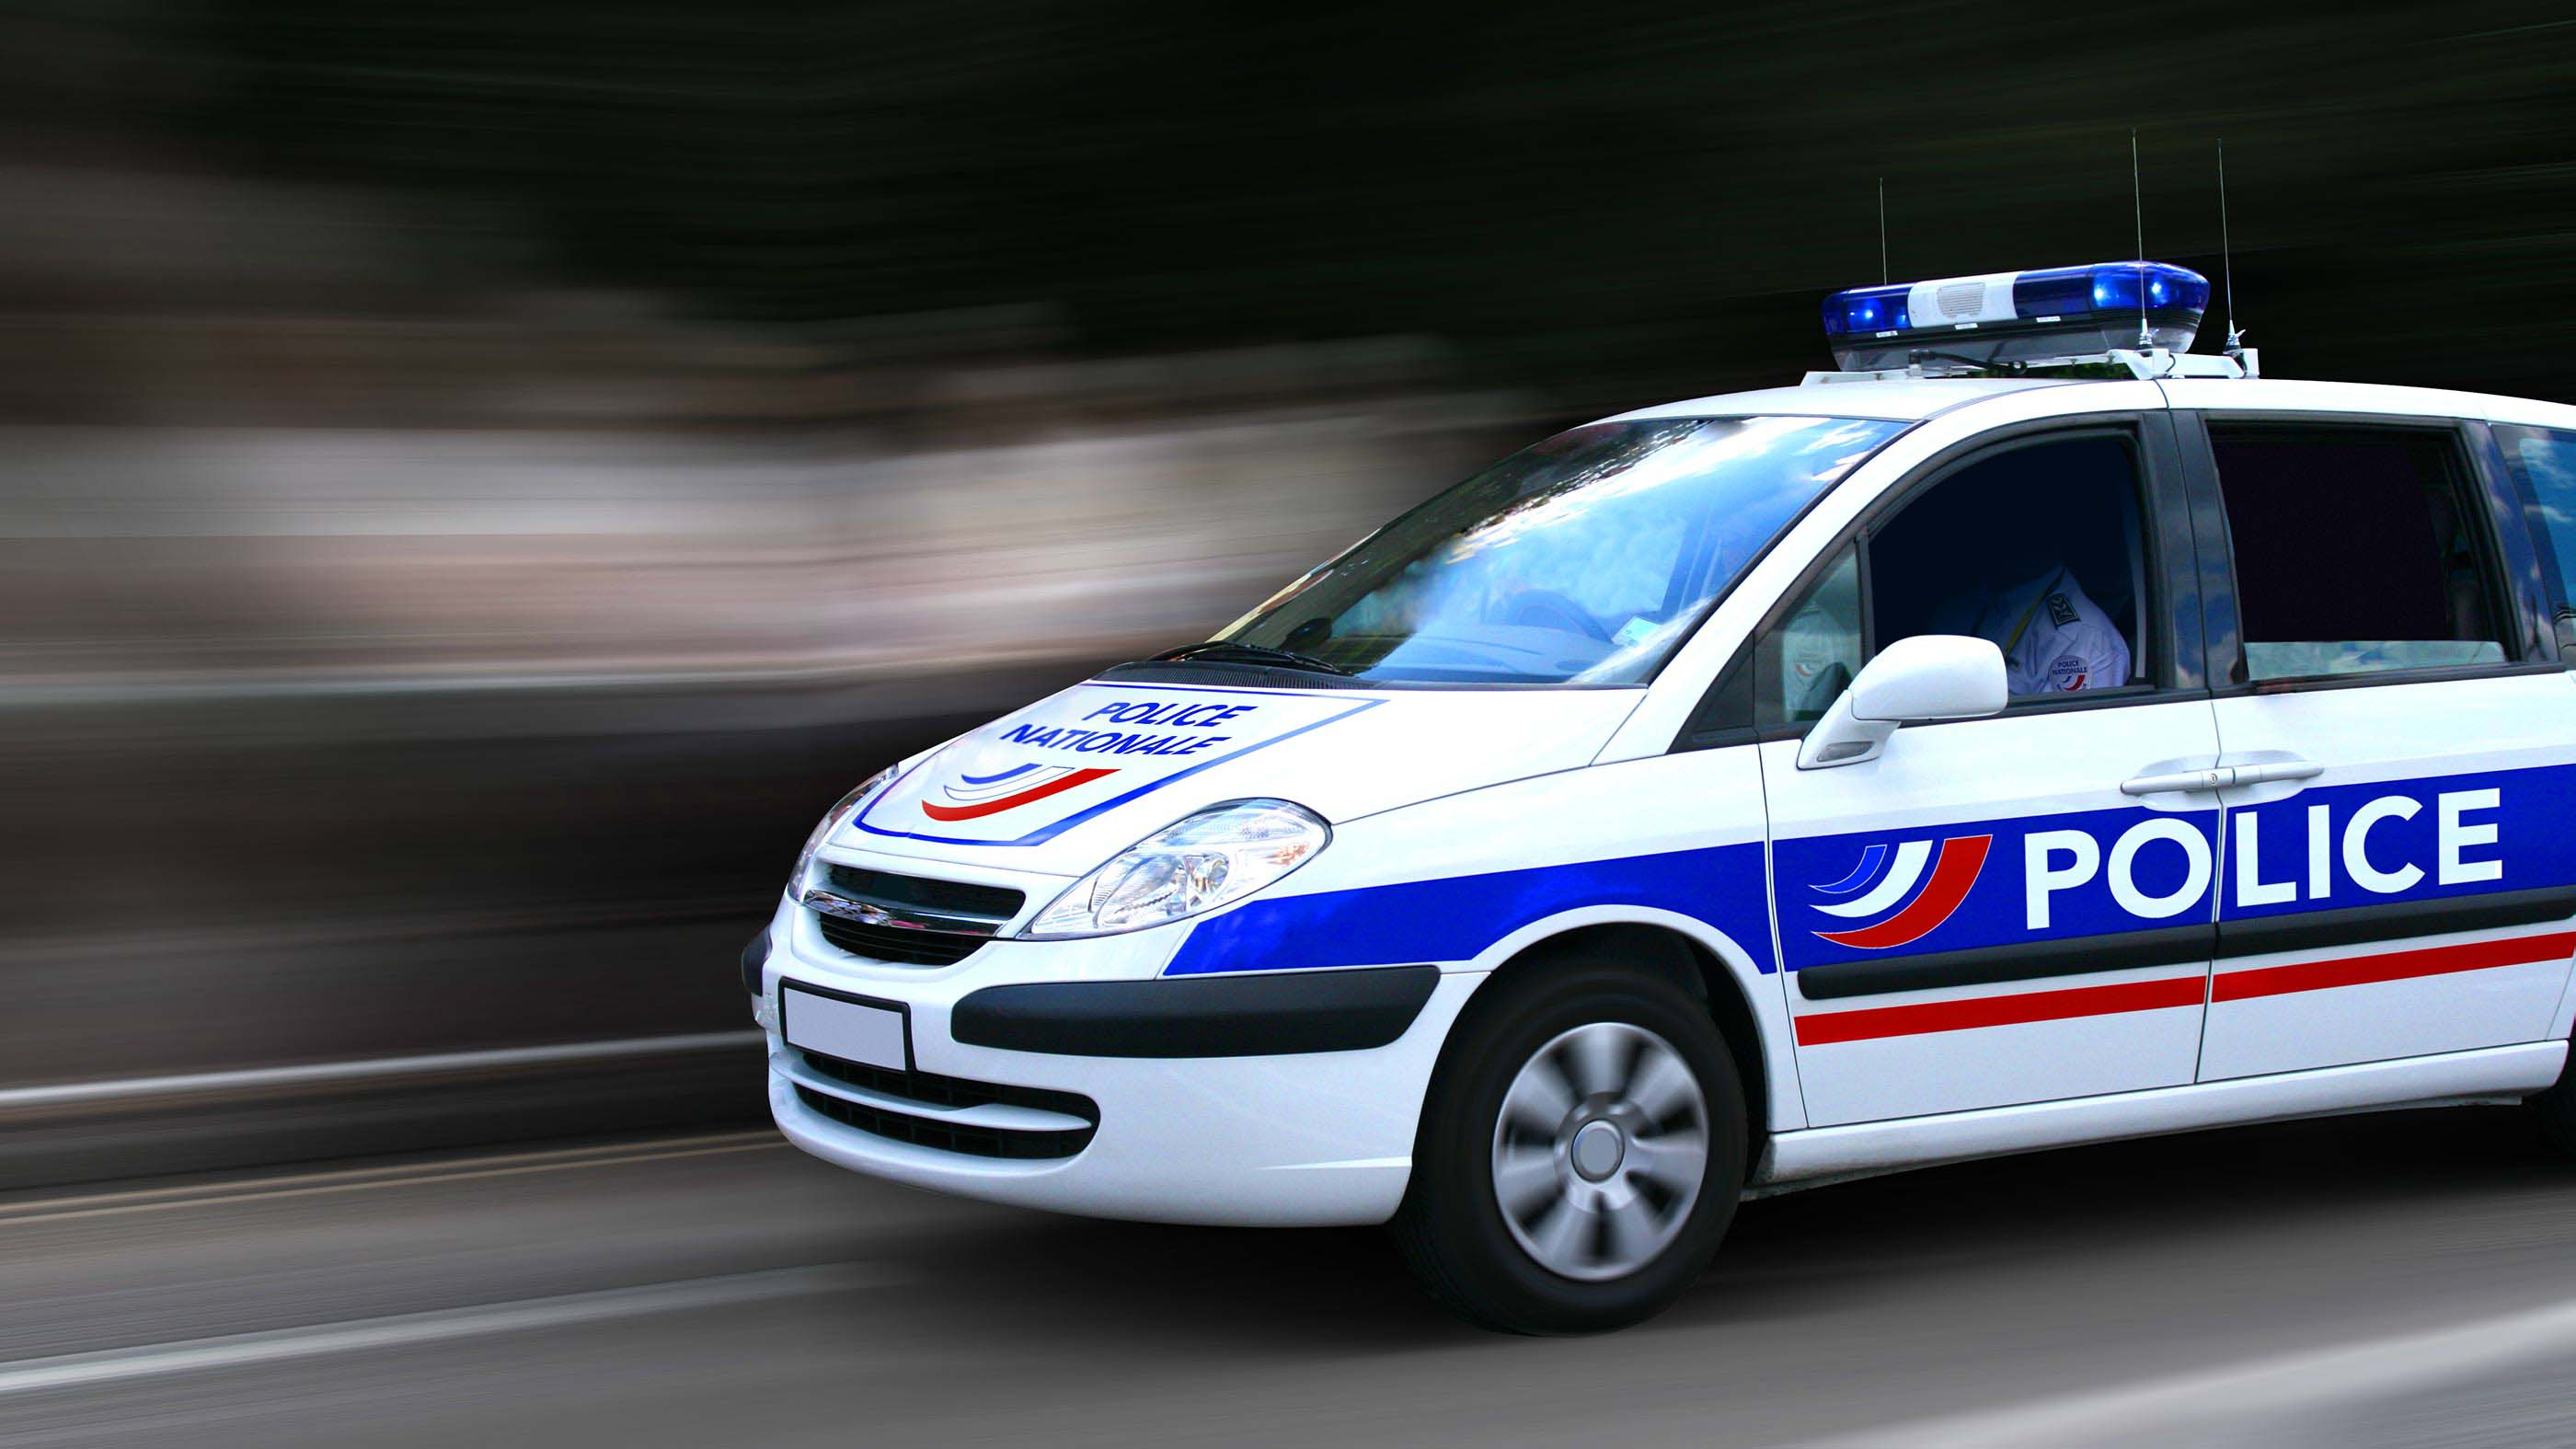 Véhicule de police circulant à vive allure avec ses feux rouges et bleus